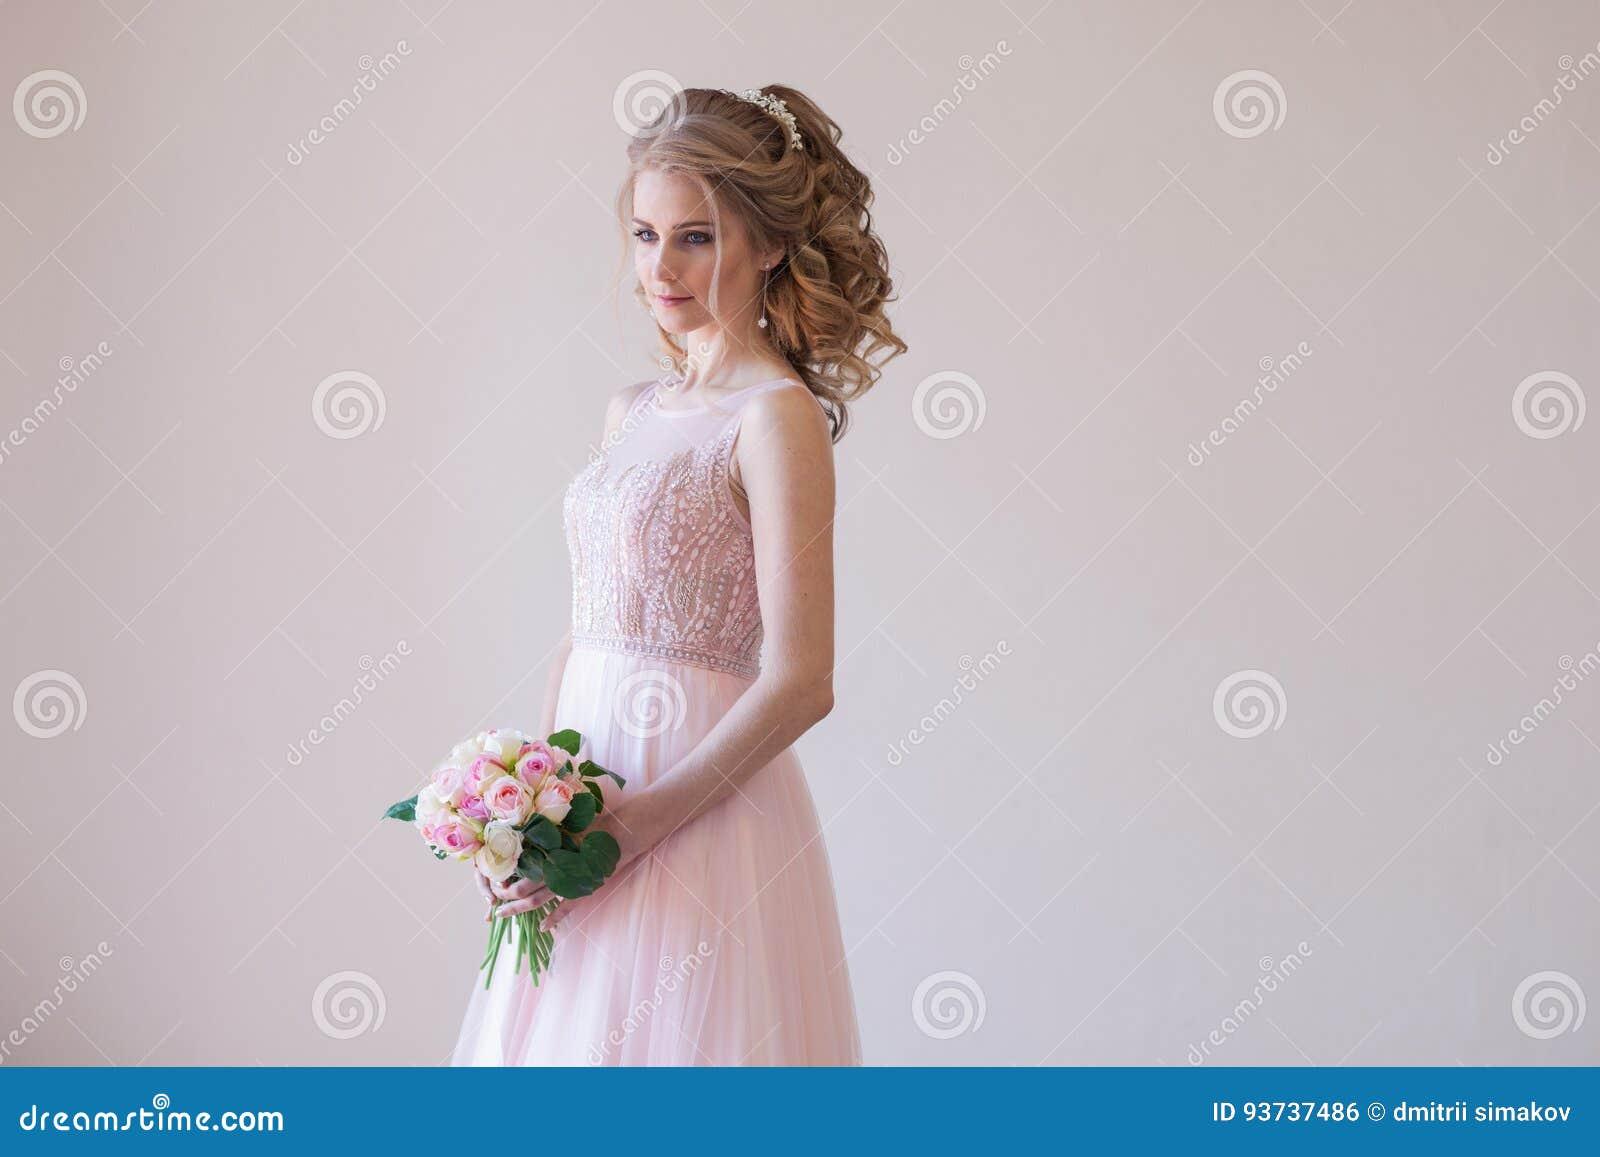 Braut In Einem Rosa Hochzeitskleid Und In Einem Blumenstrauß Von ...